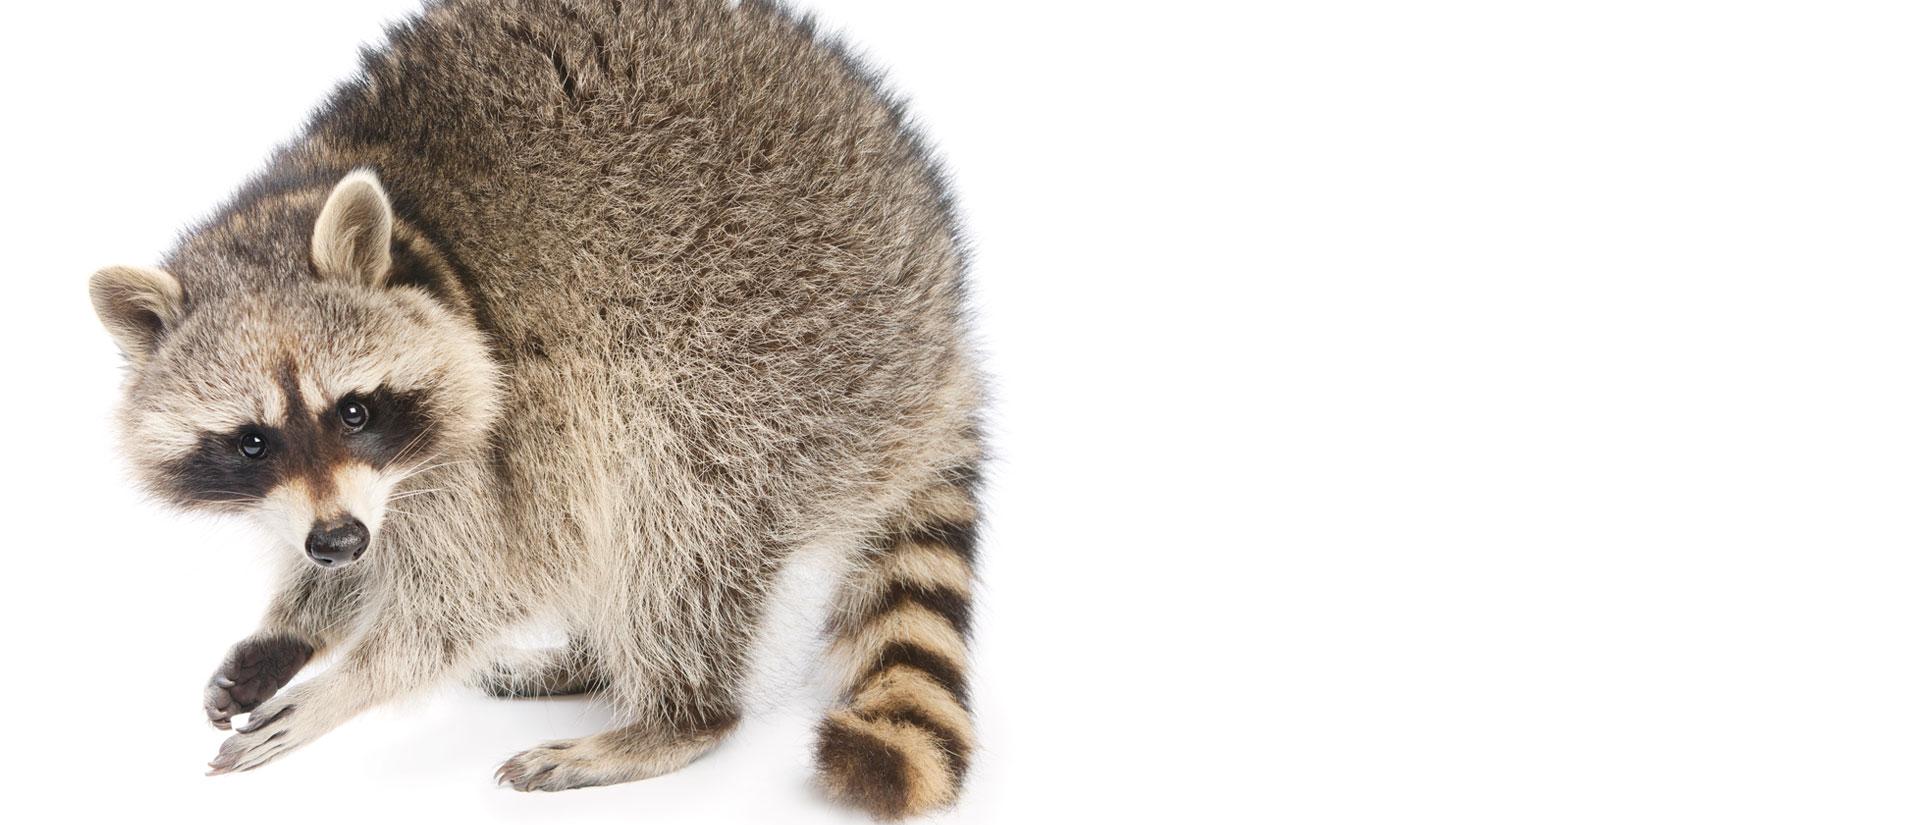 exterminateur raton laveur gatineau